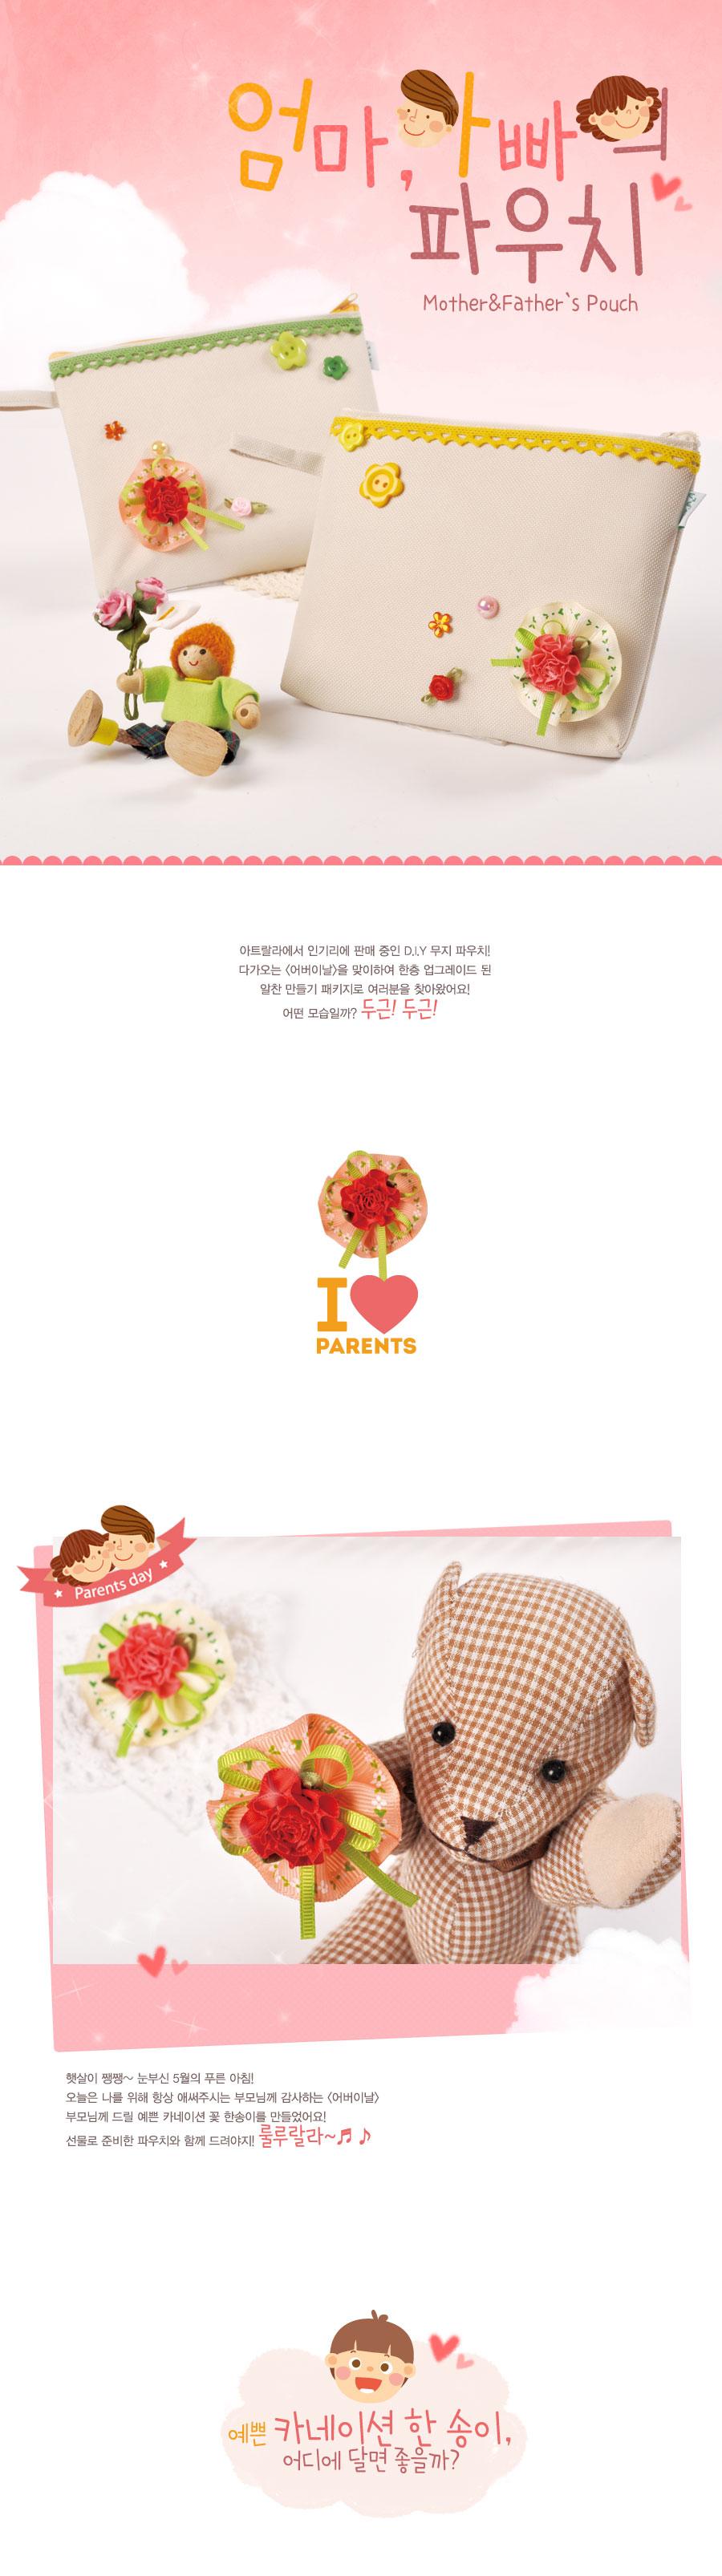 엄마 아빠의 파우치 DIY/만들기 - 아트랄라, 3,200원, 다용도파우치, 지퍼형